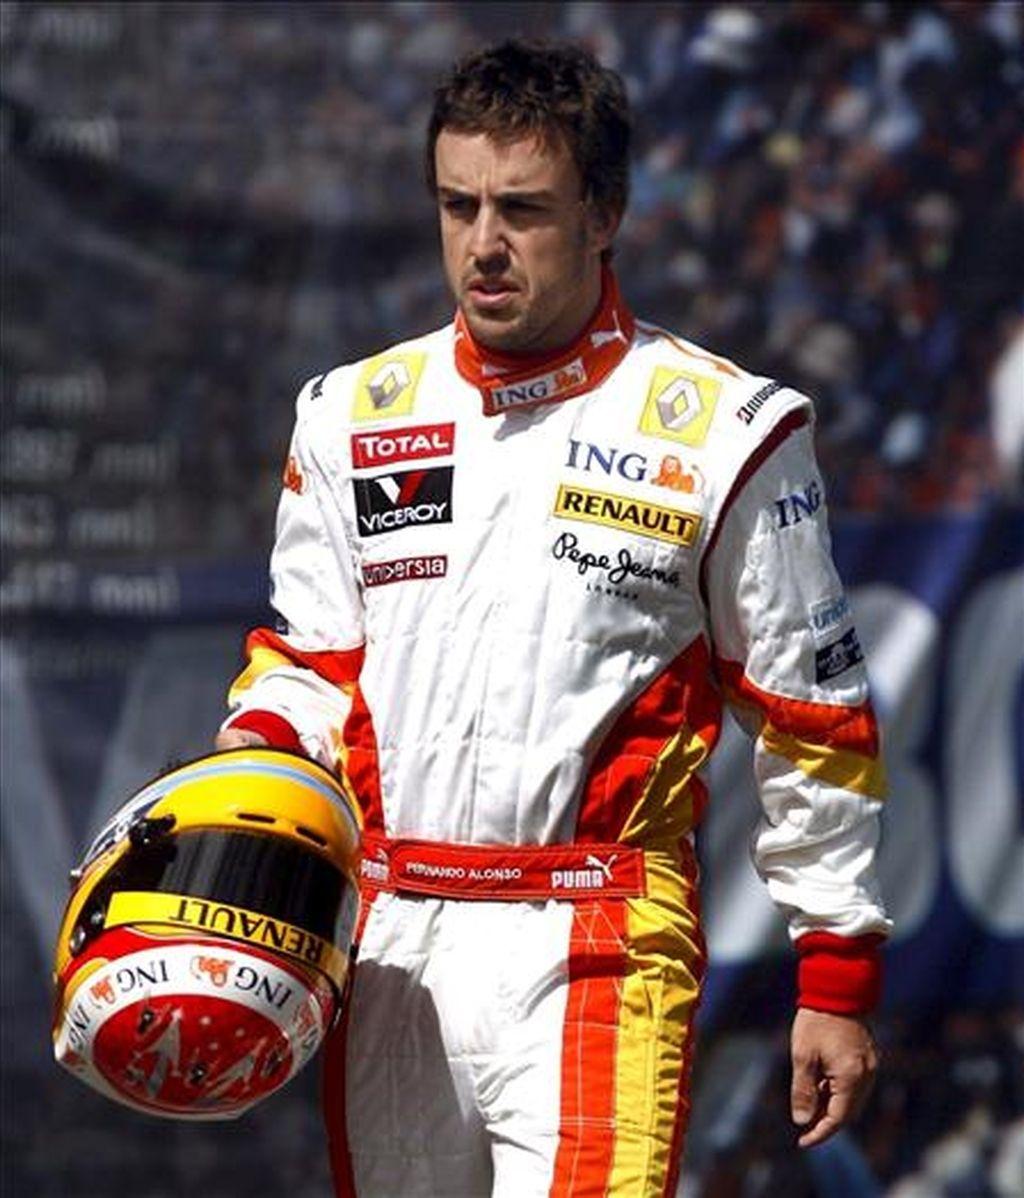 El piloto de Fórmula Uno Fernando Alonso, de Renault, manifiesta que en Malasia tienen que hacer una buena sesión de clasificación. En la imagen, Alonso durante un entrenamiento. EFE/Archivo